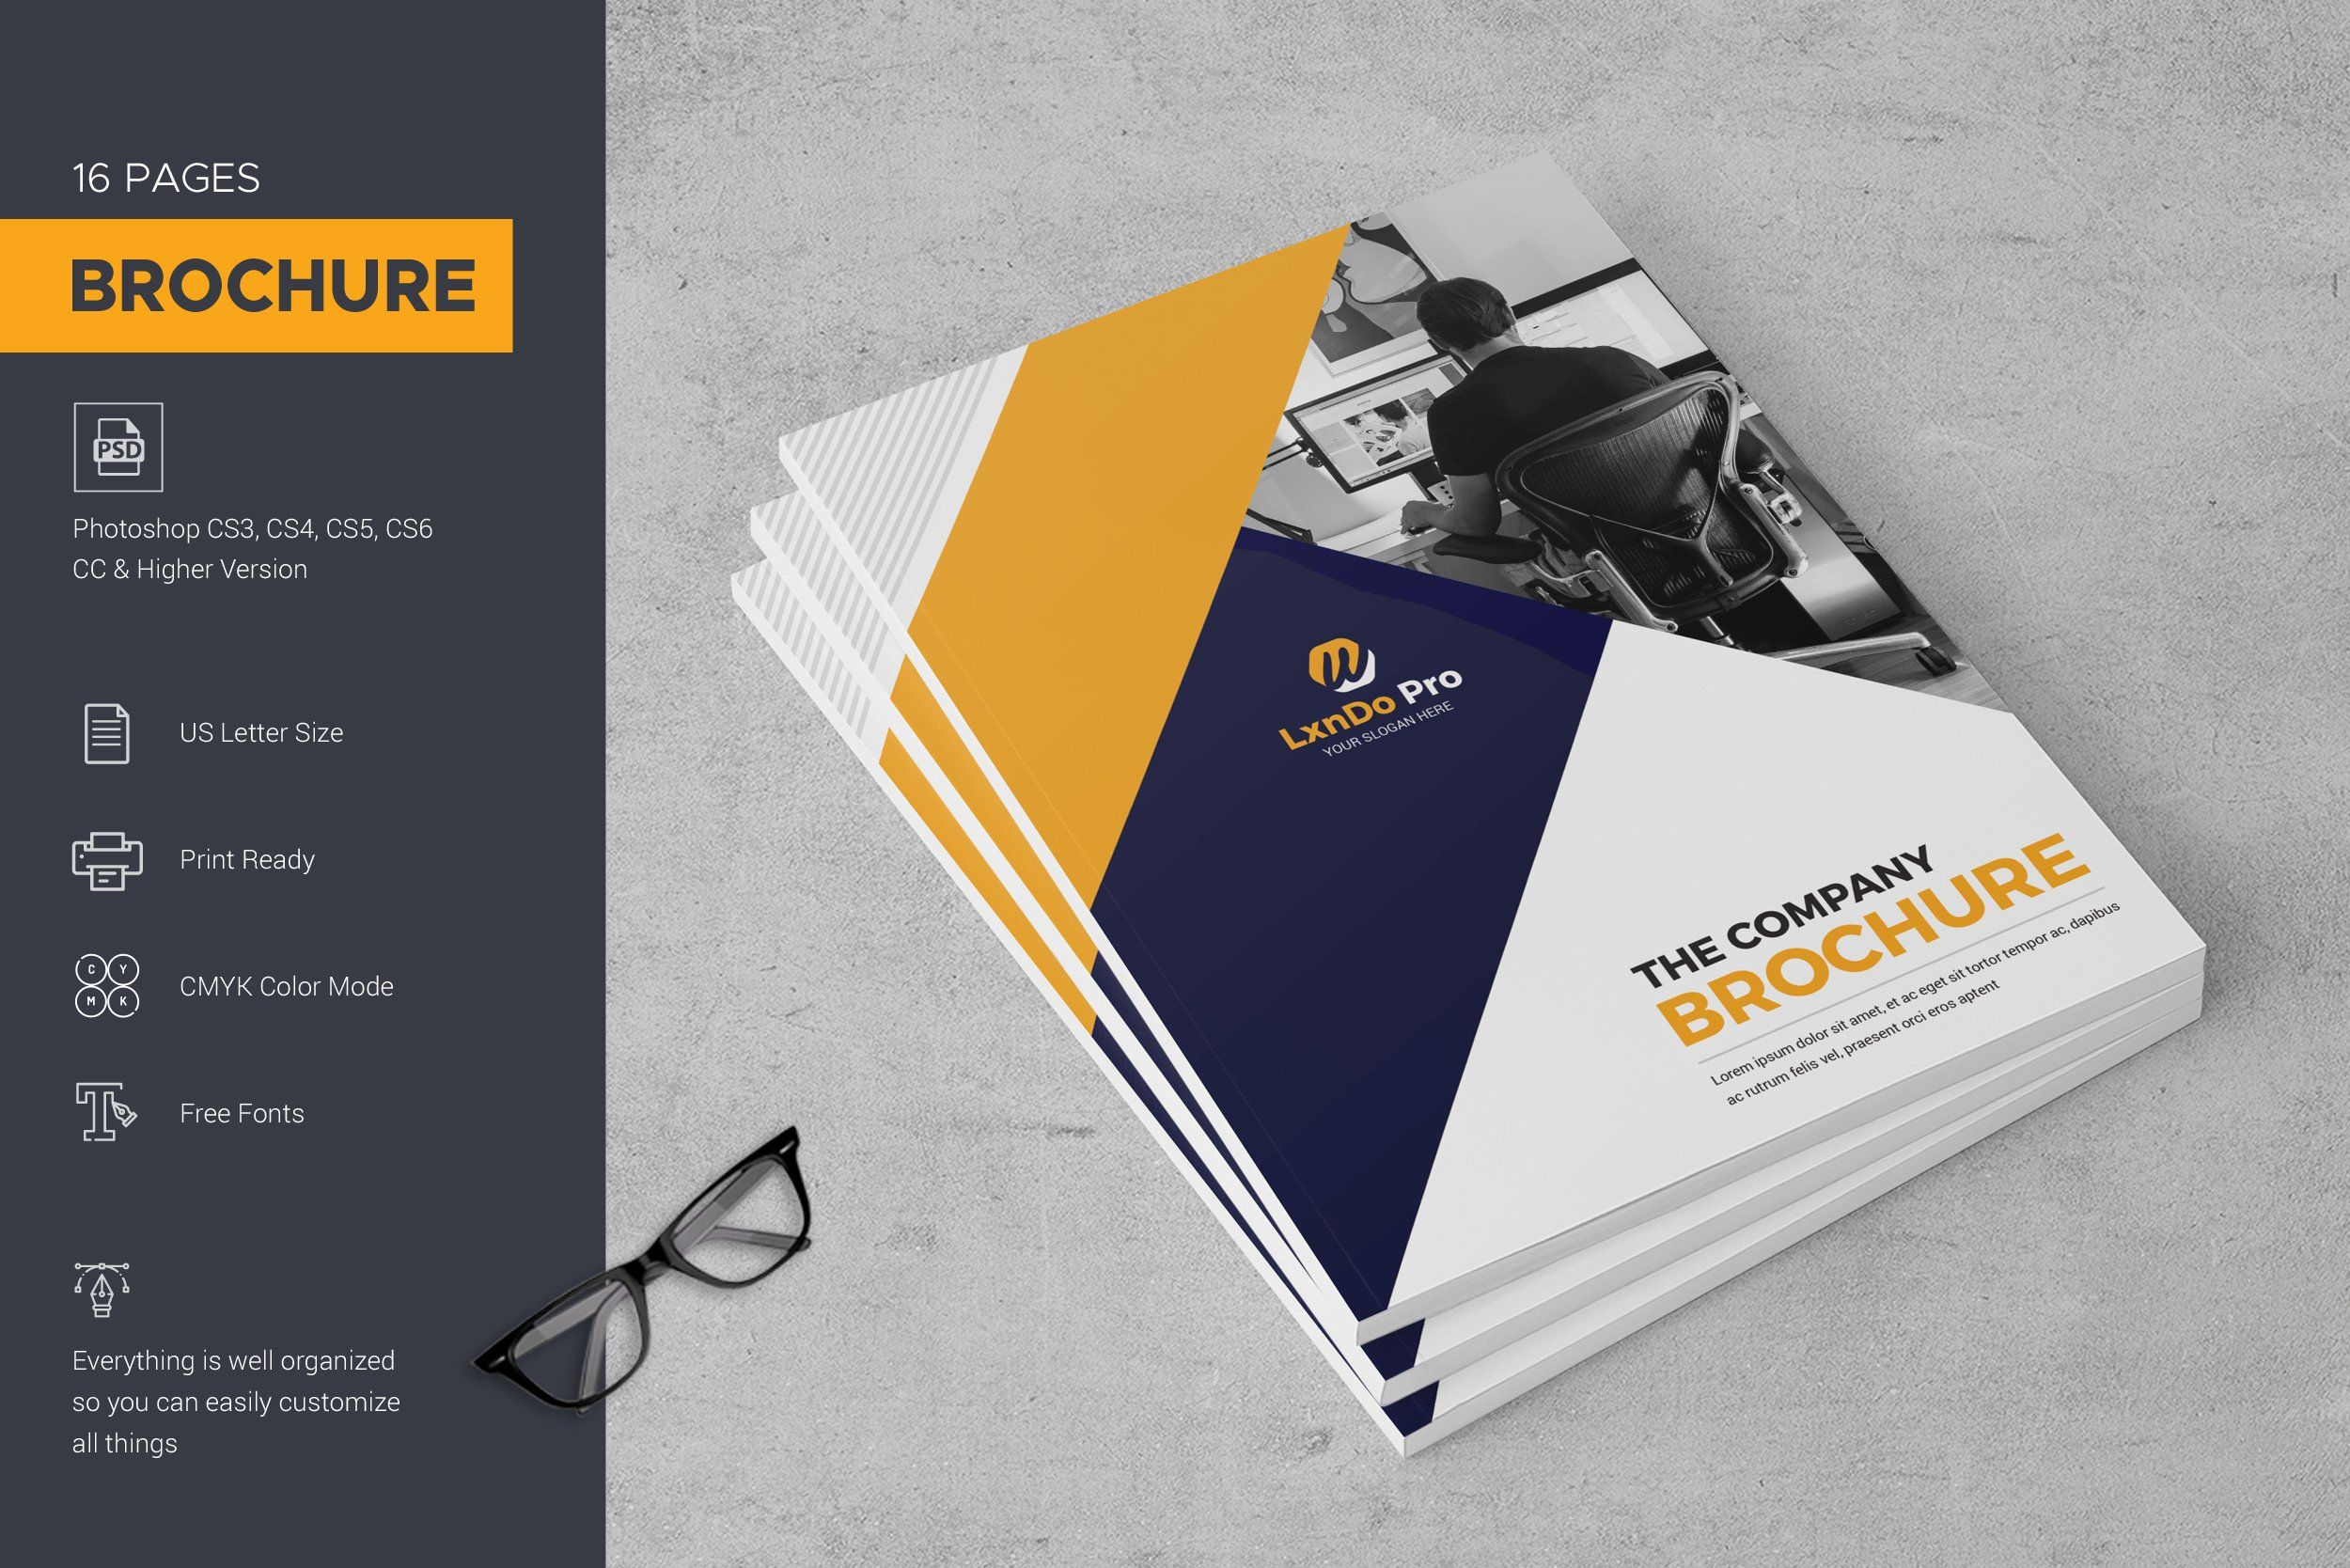 Brochure | Brochure, Brochure template, Amazing brochure